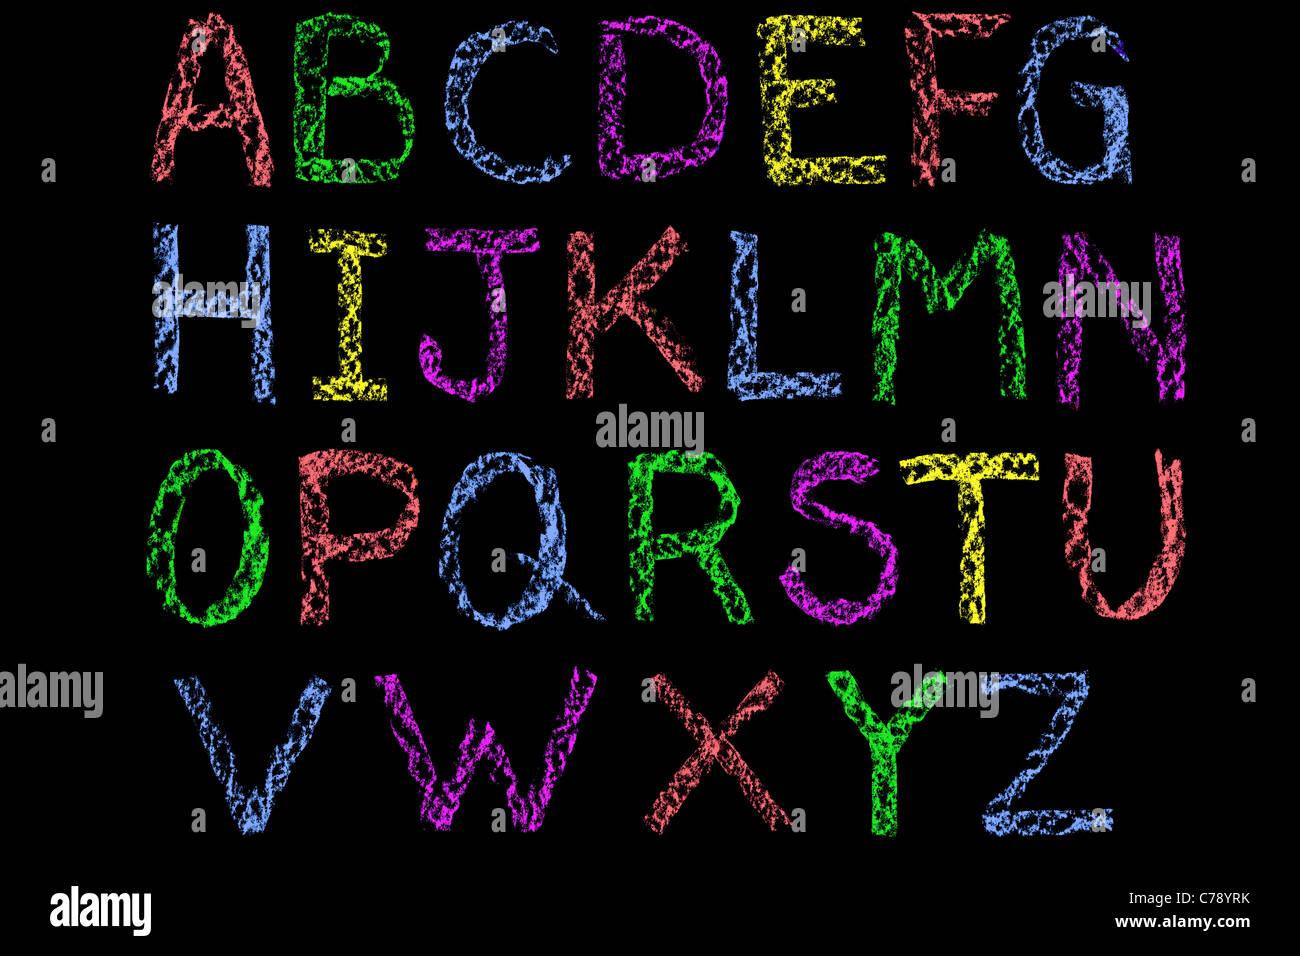 Cartas manuscritas del alfabeto escrito en una pizarra de tiza blanca luego limpiados durante la edición Imagen De Stock